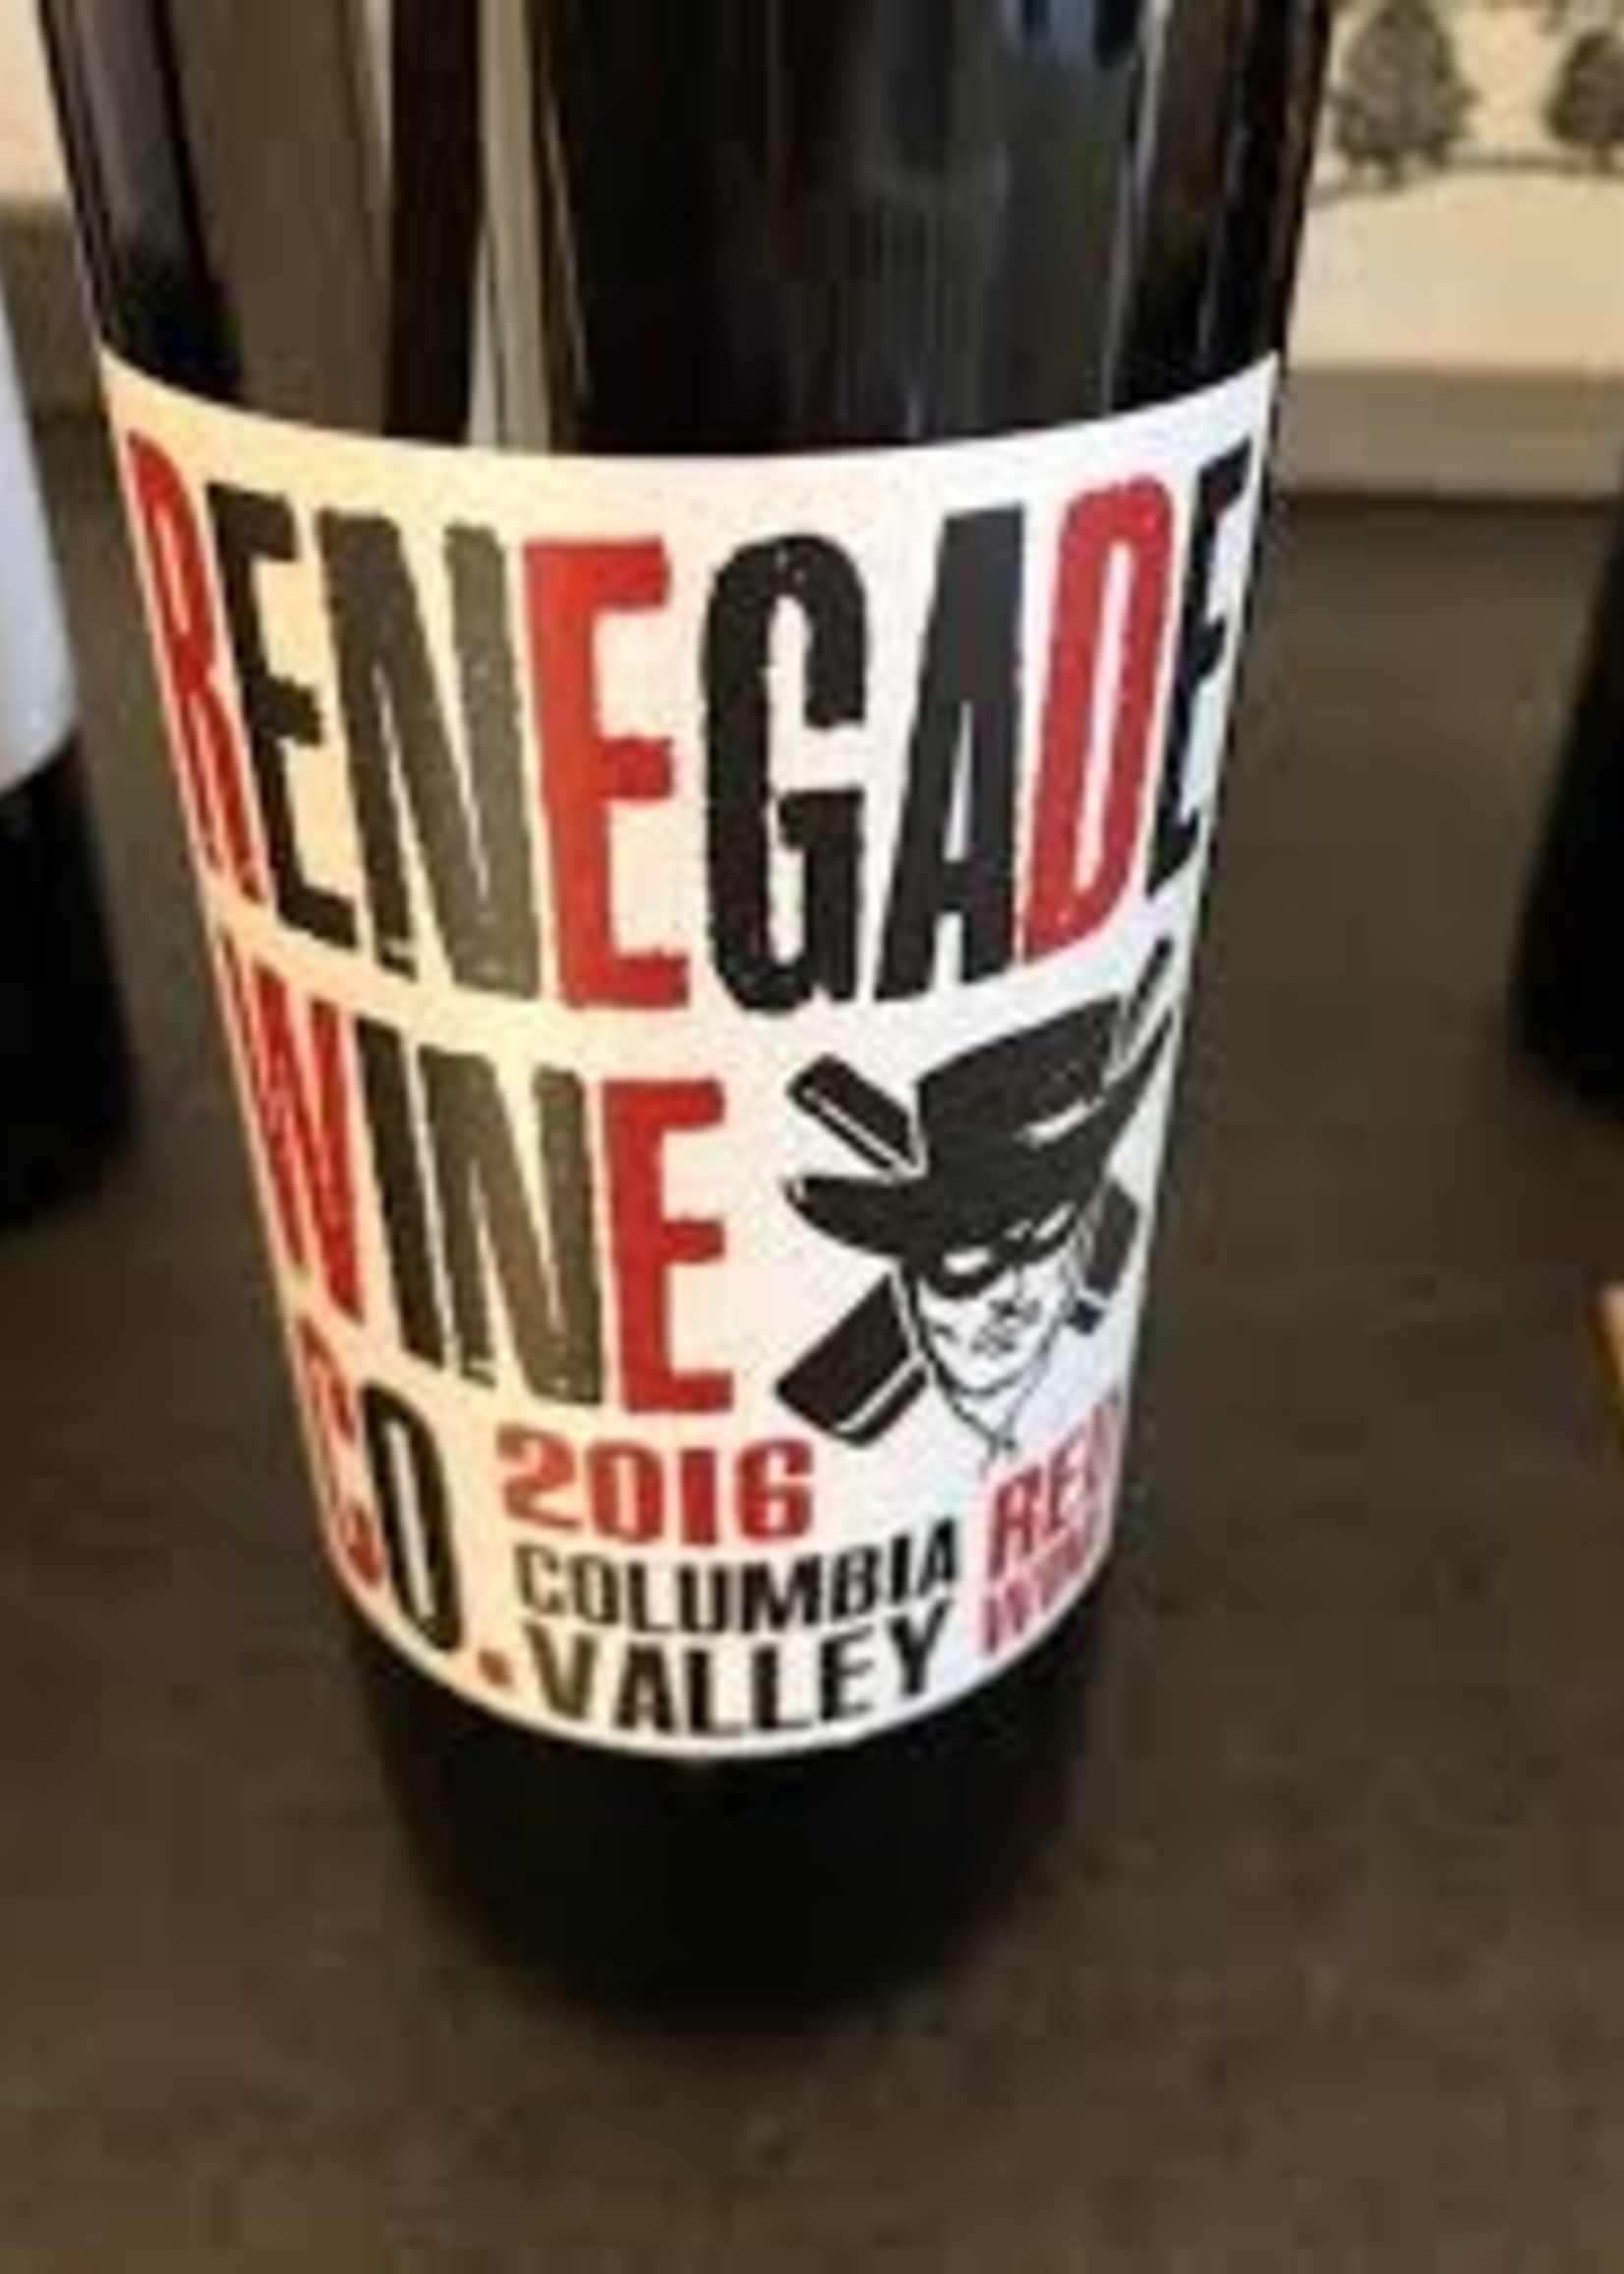 Renegade WIne Company Cabernet Sauvignon